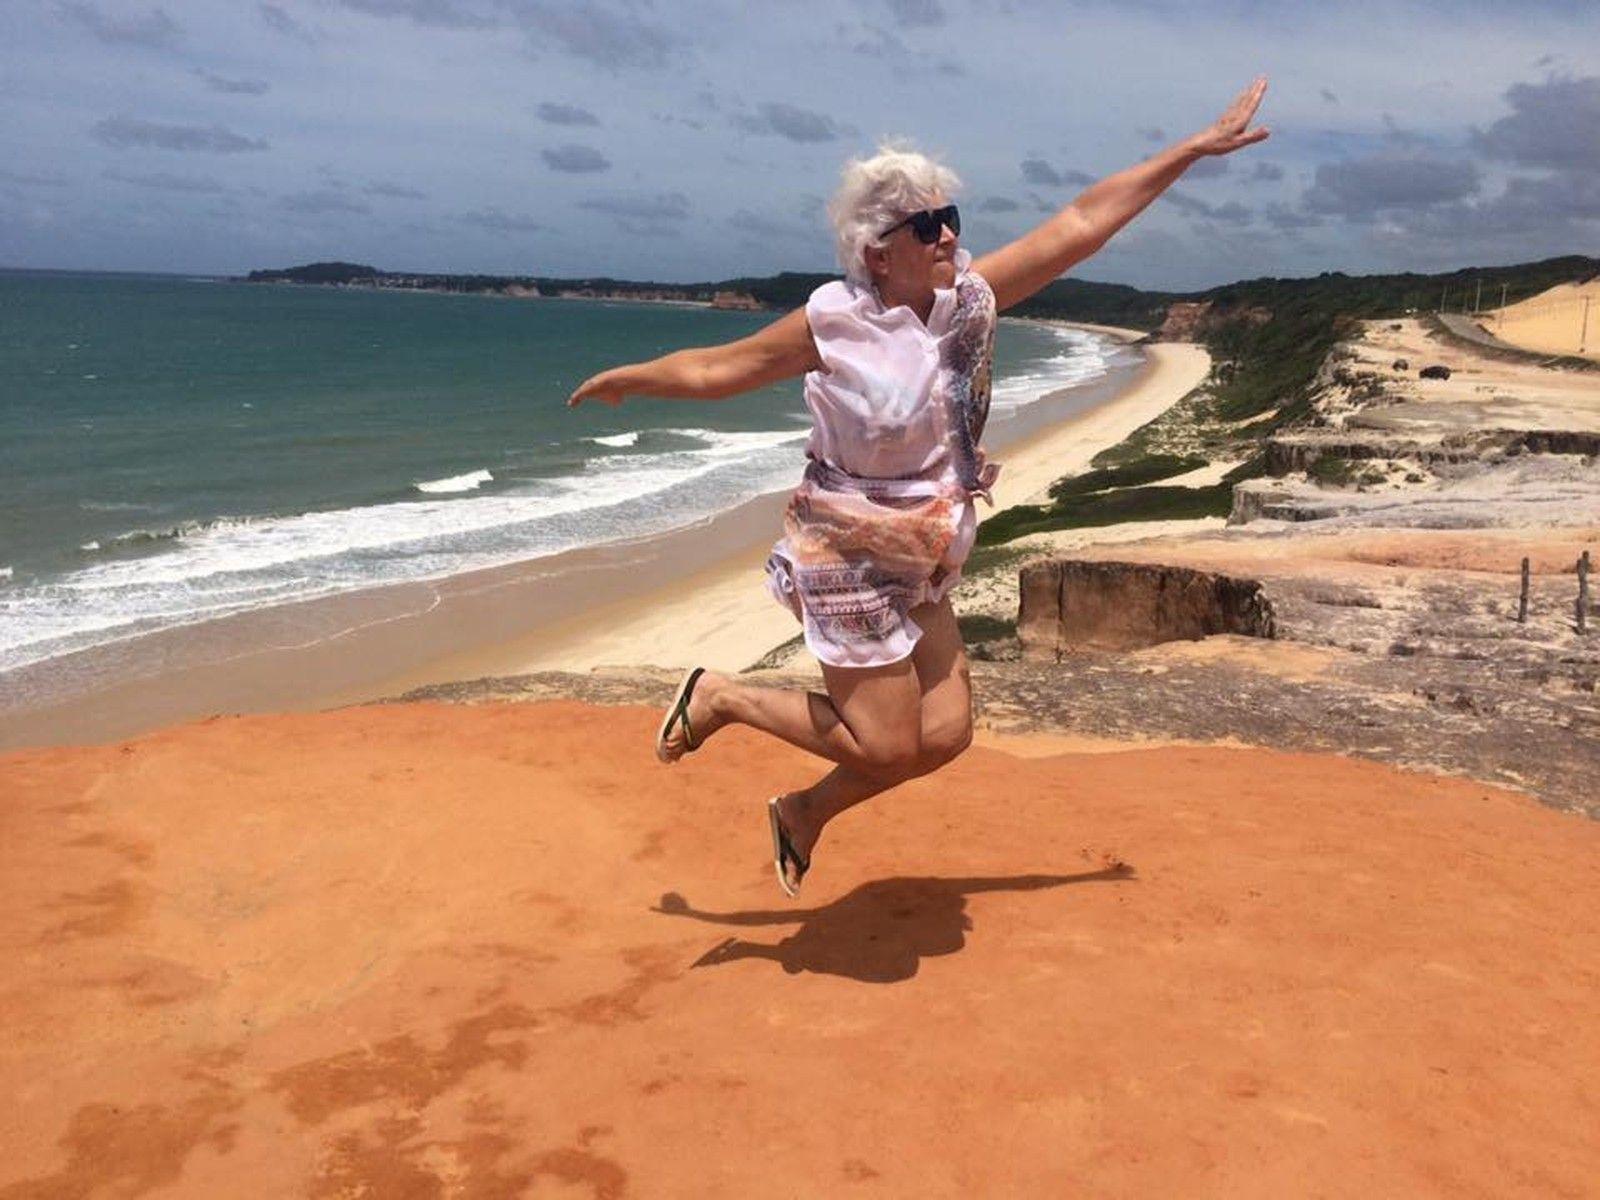 Conhecer diferentes lugares e culturas foi a experiência mais enriquecedora que ela já viveu, conta a aposentada de 67 anos. Foto: Arquivo pessoal